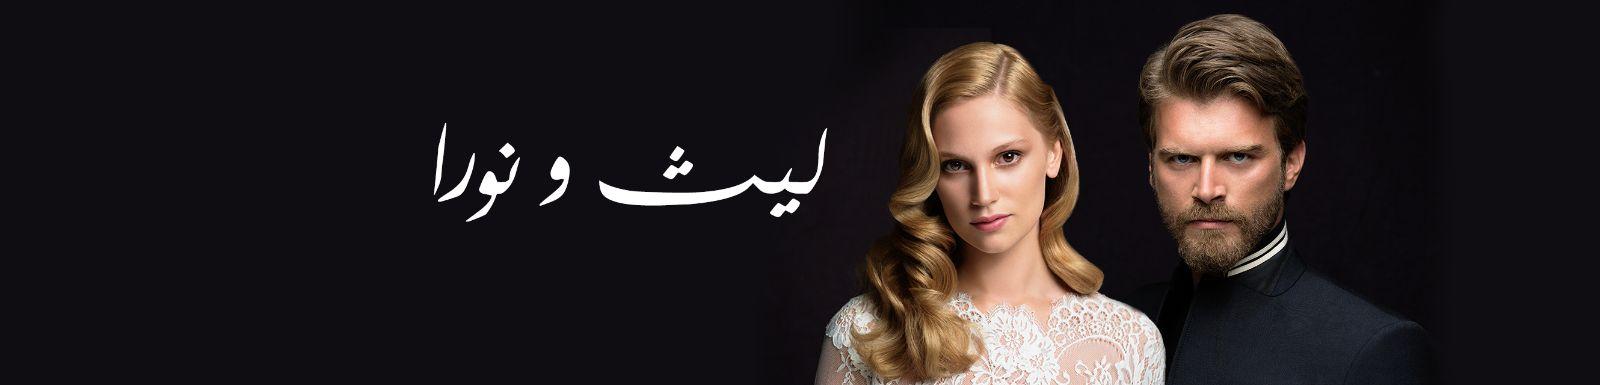 مشاهدة مسلسل ليث و نورا الحلقة 31 كاملة 2014 mbc